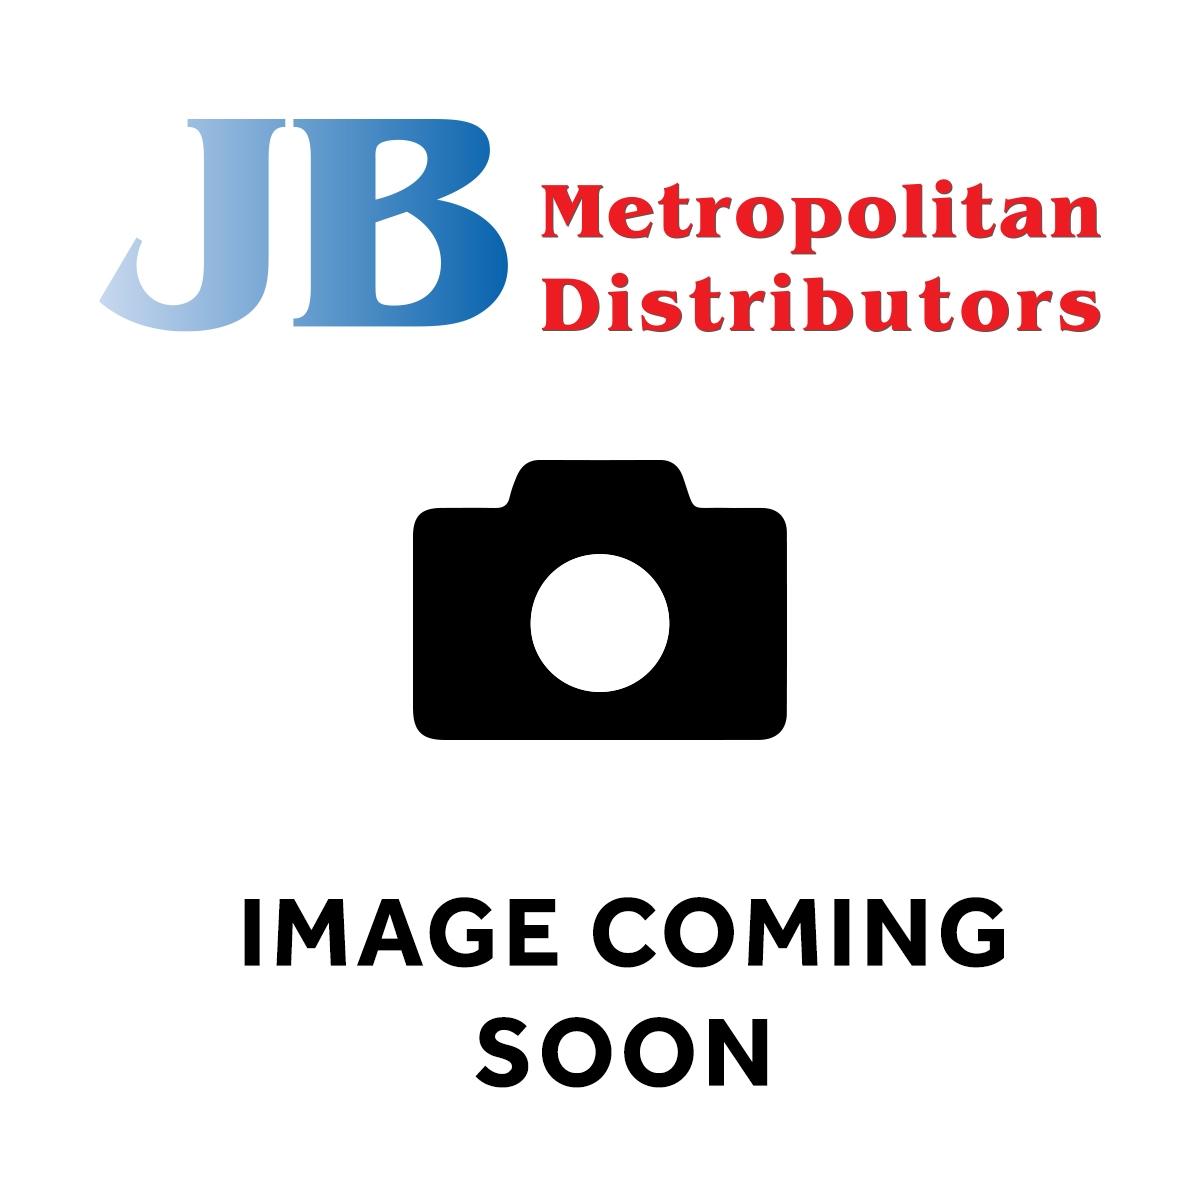 170G JOHN WEST PASSIONFRUIT PULP